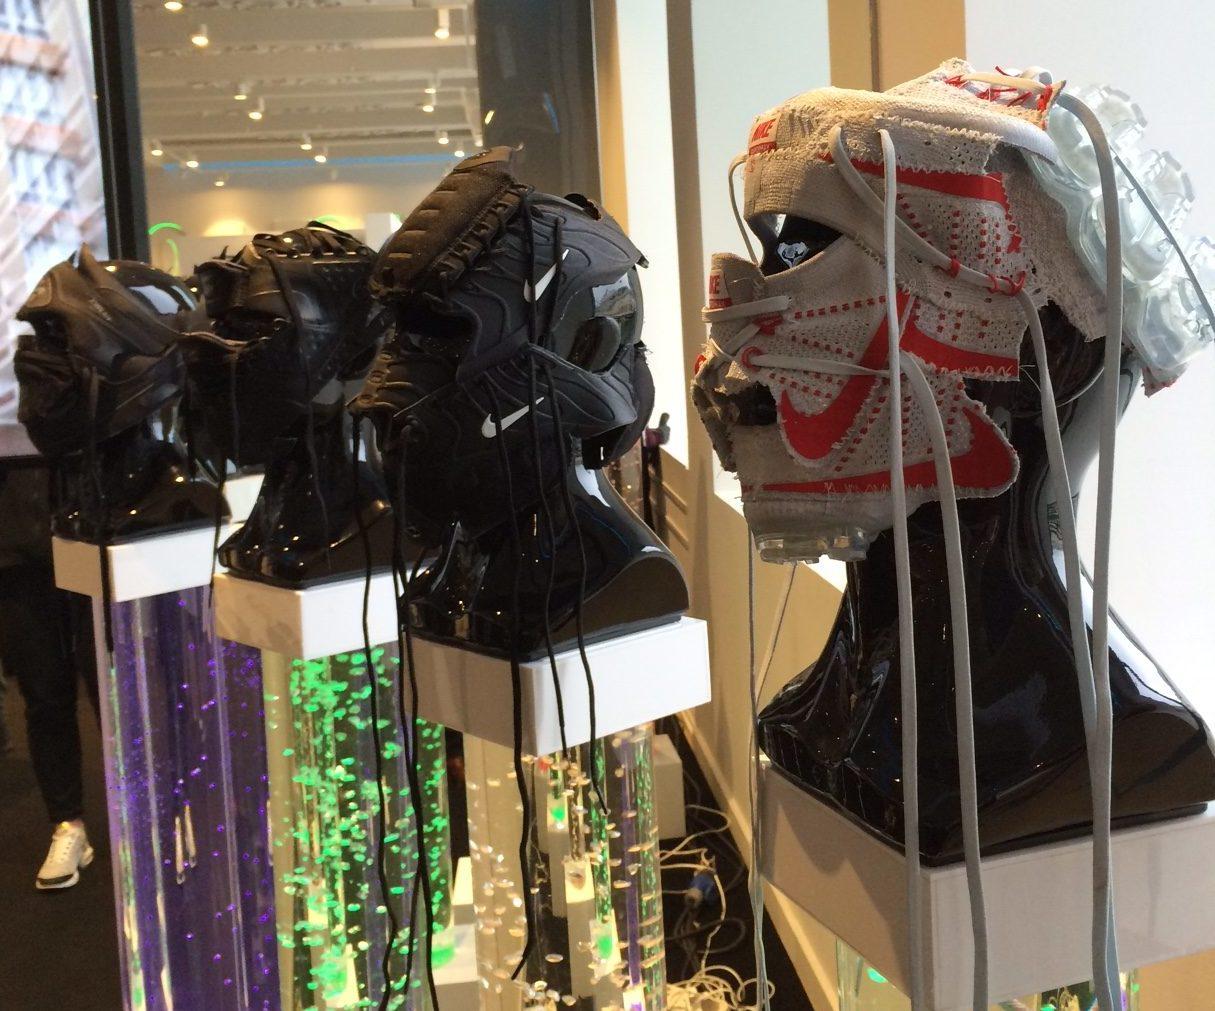 aab8524f Итак, что же предлагает Nike покупателям? На первом уровне товары для детей  (весьма скромный ассортимент, заметим в скобках), экипировка для футбола.